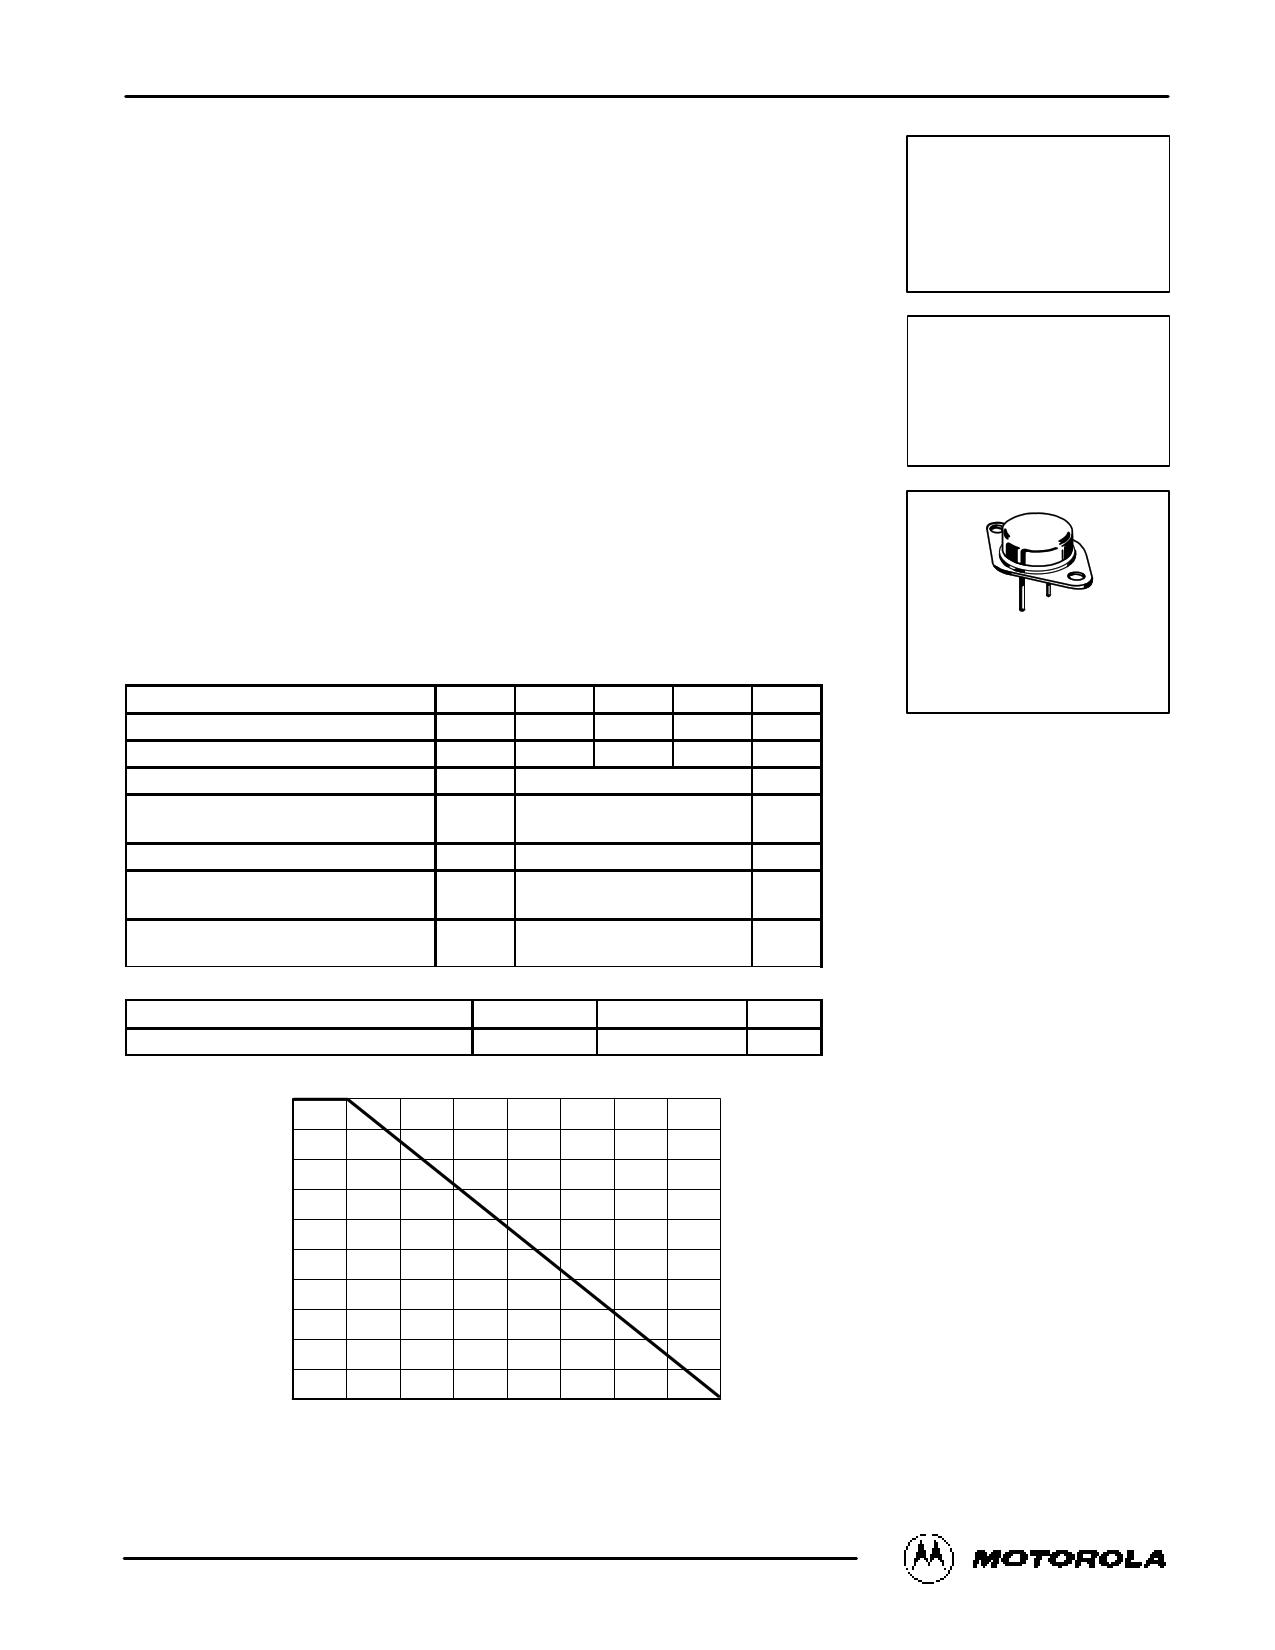 2N6275 دیتاشیت PDF